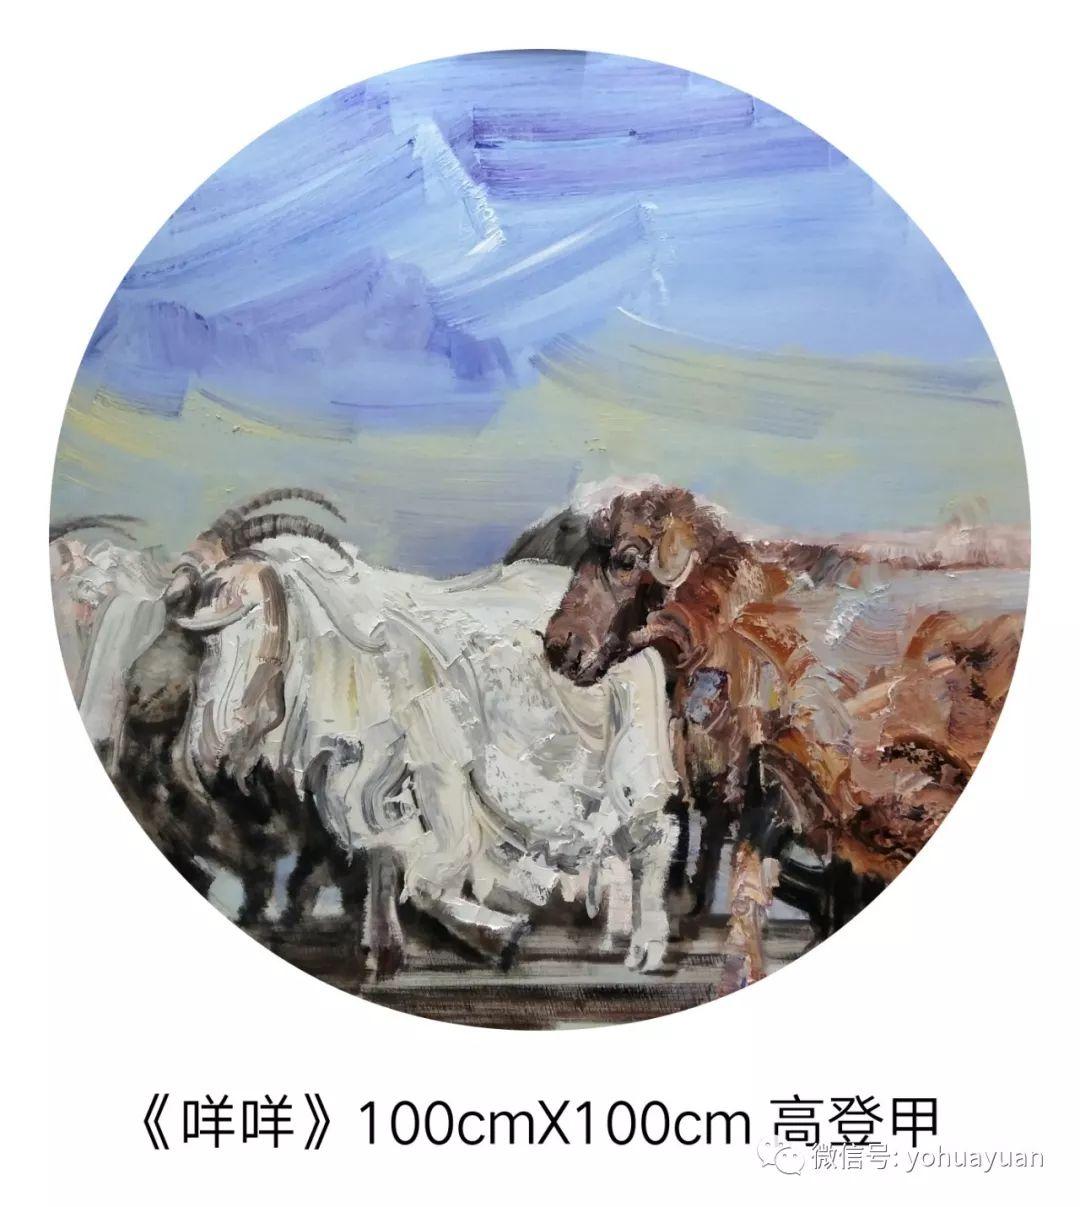 油画作品拍卖(内蒙古草原写生) 第101张 油画作品拍卖(内蒙古草原写生) 蒙古画廊